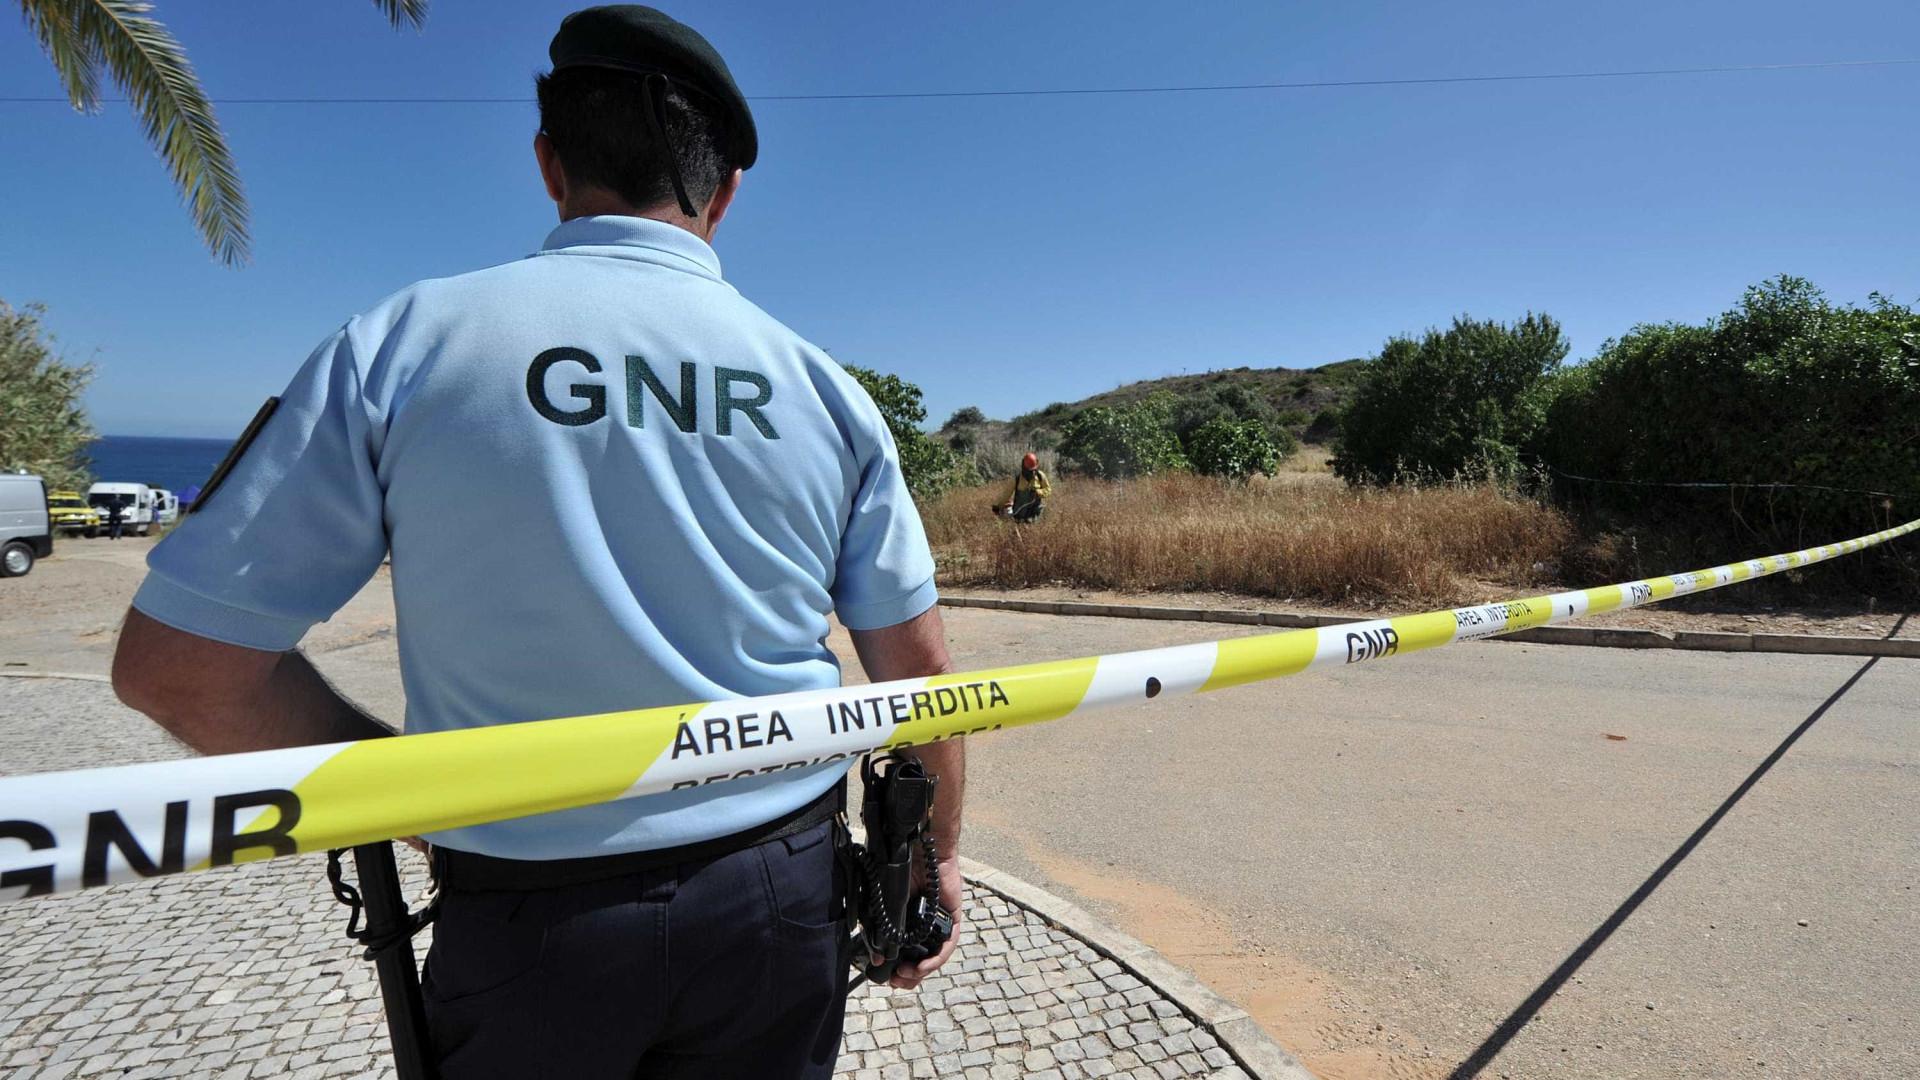 Mulher com cerca de 70 anos atropelada mortalmente em Montemor-o-Velho